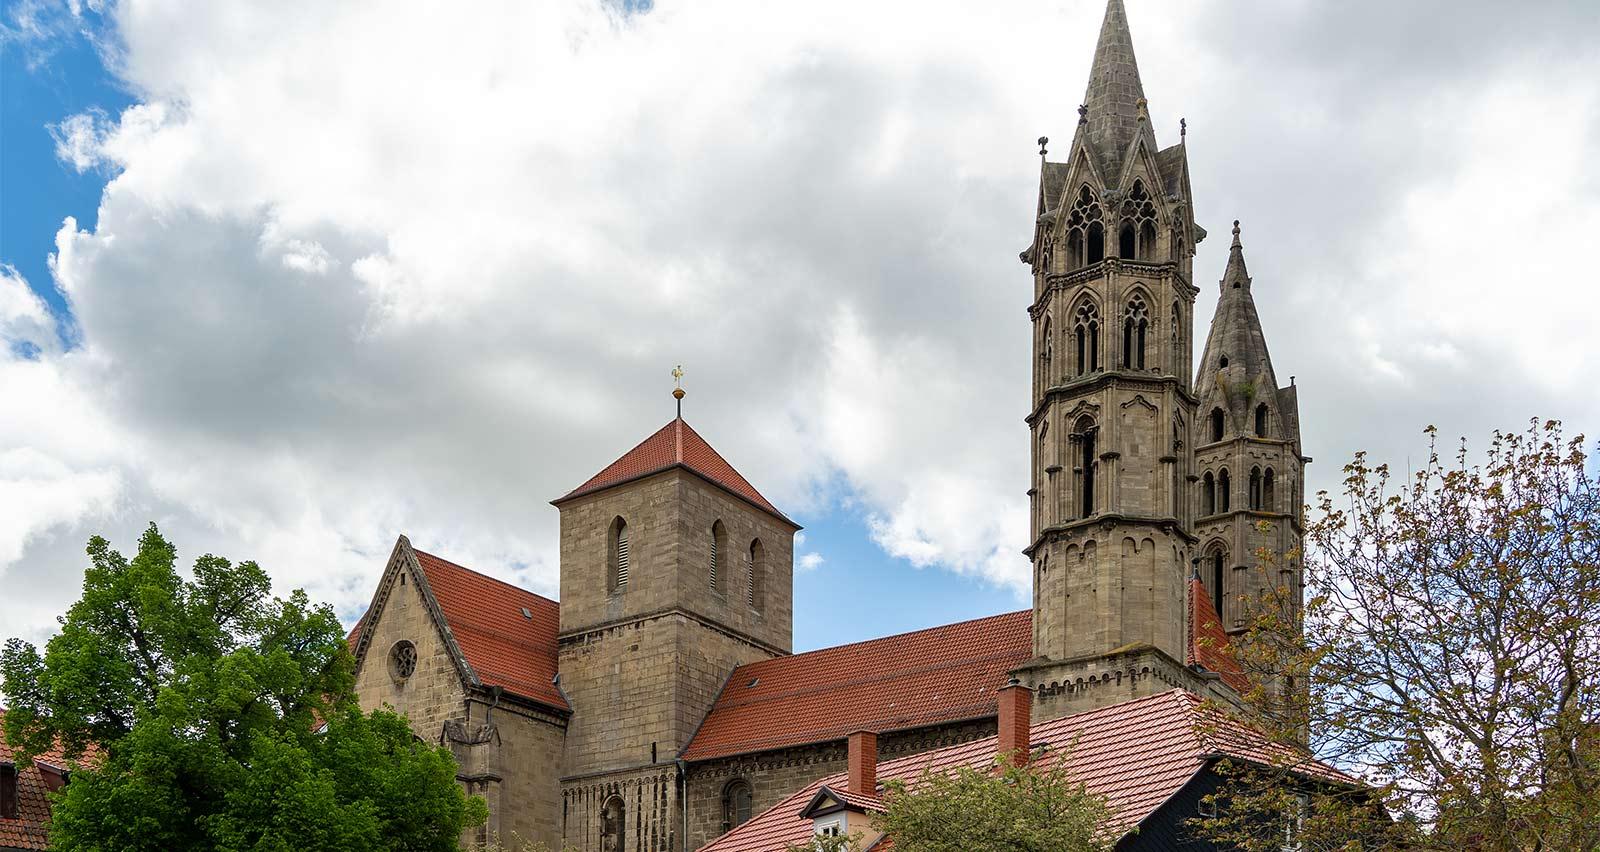 Liebfrauenkirche in Arnstadt